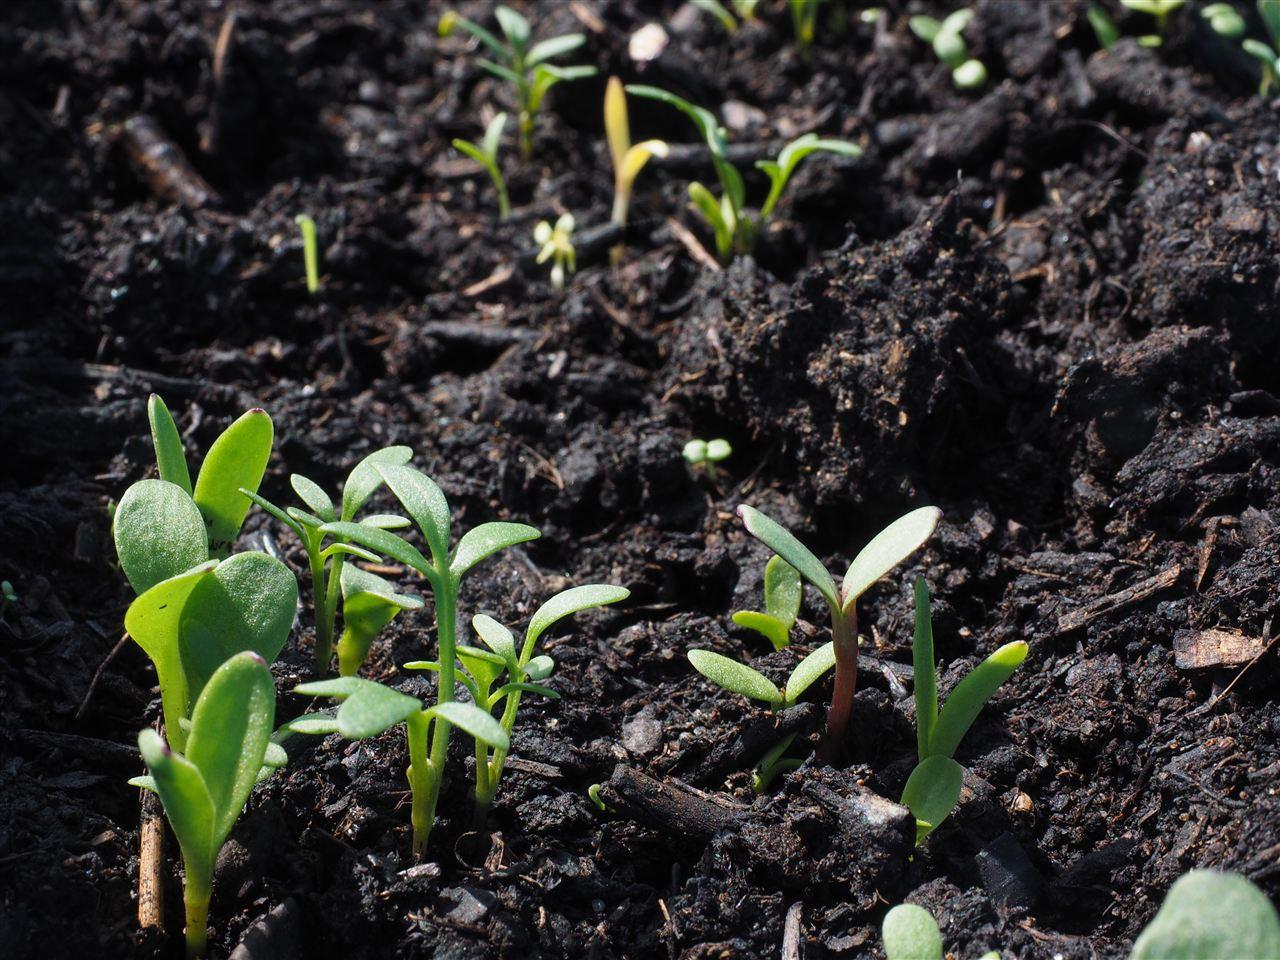 土壤污染治理进展如何?十四五会有哪些不同